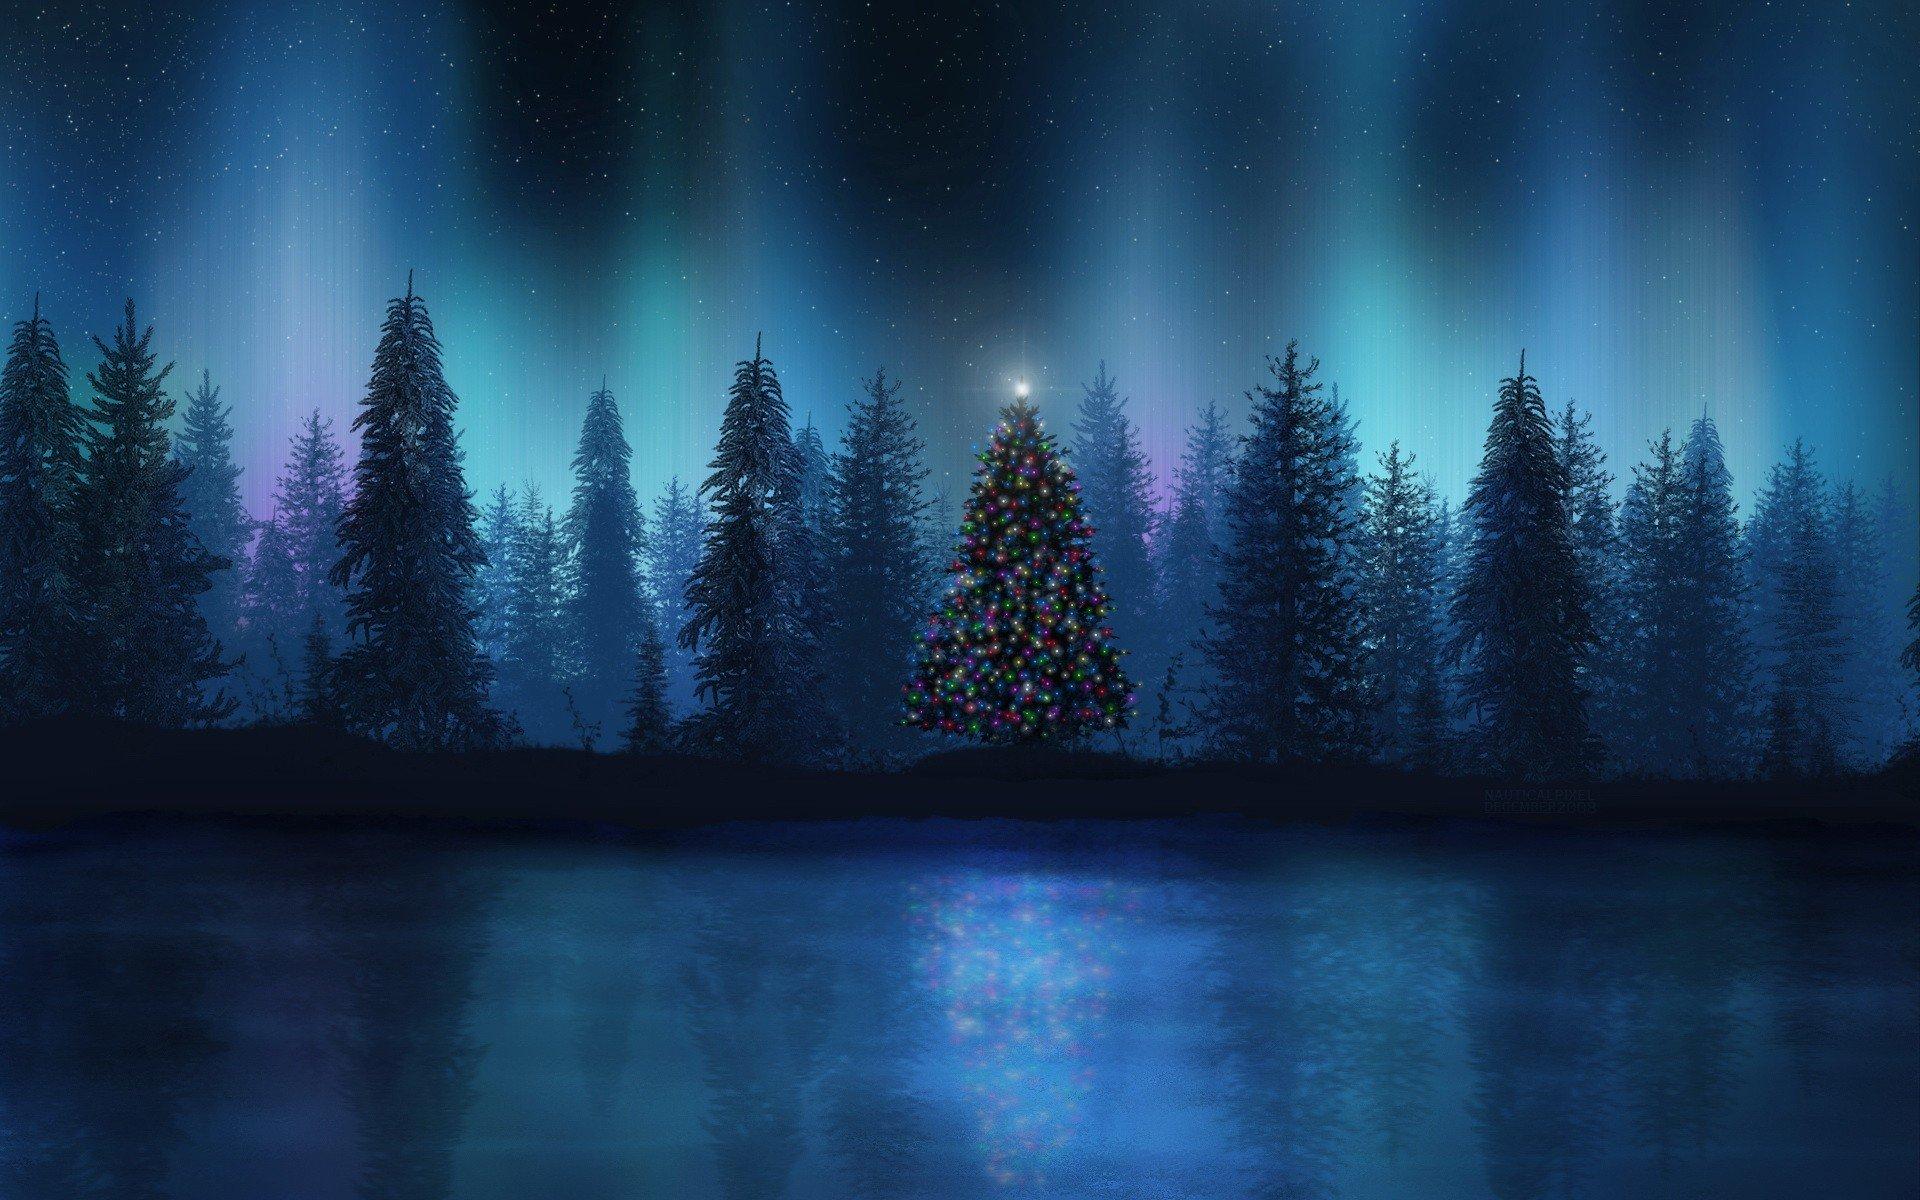 картинки ночь лес новый год пусть